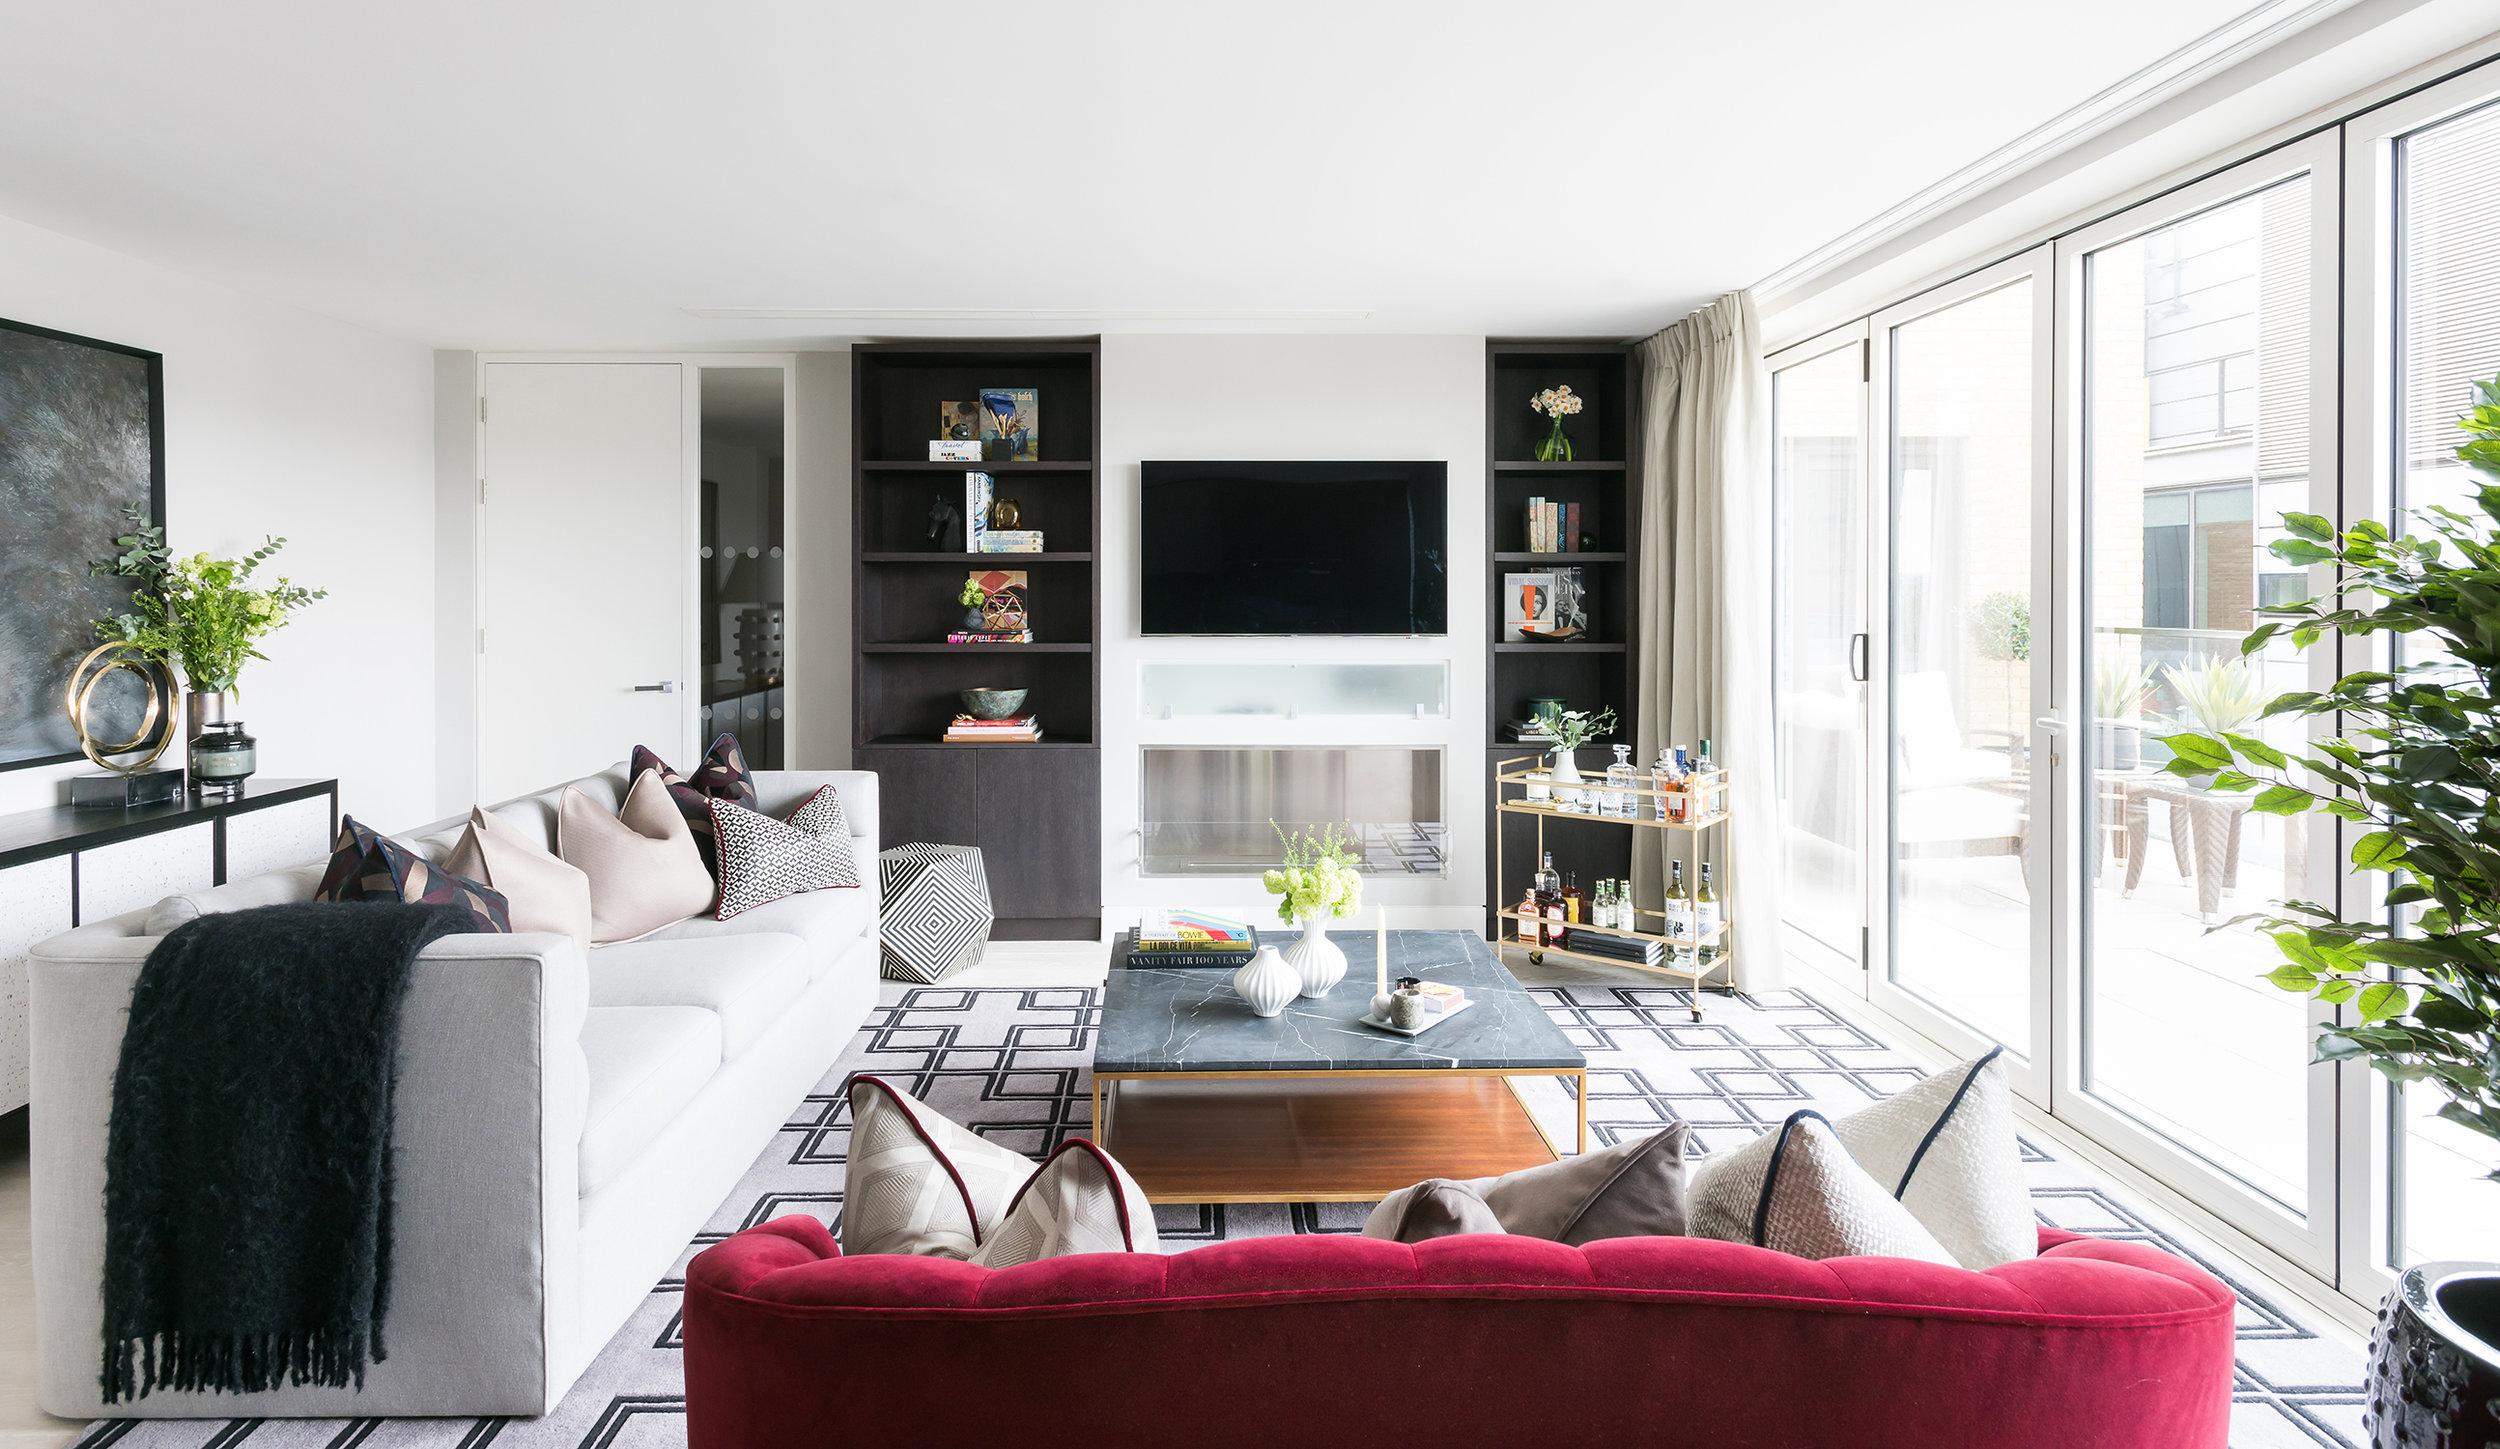 Knight_Frank_Interior_Services_Soho_13_007_Living_Room.jpg